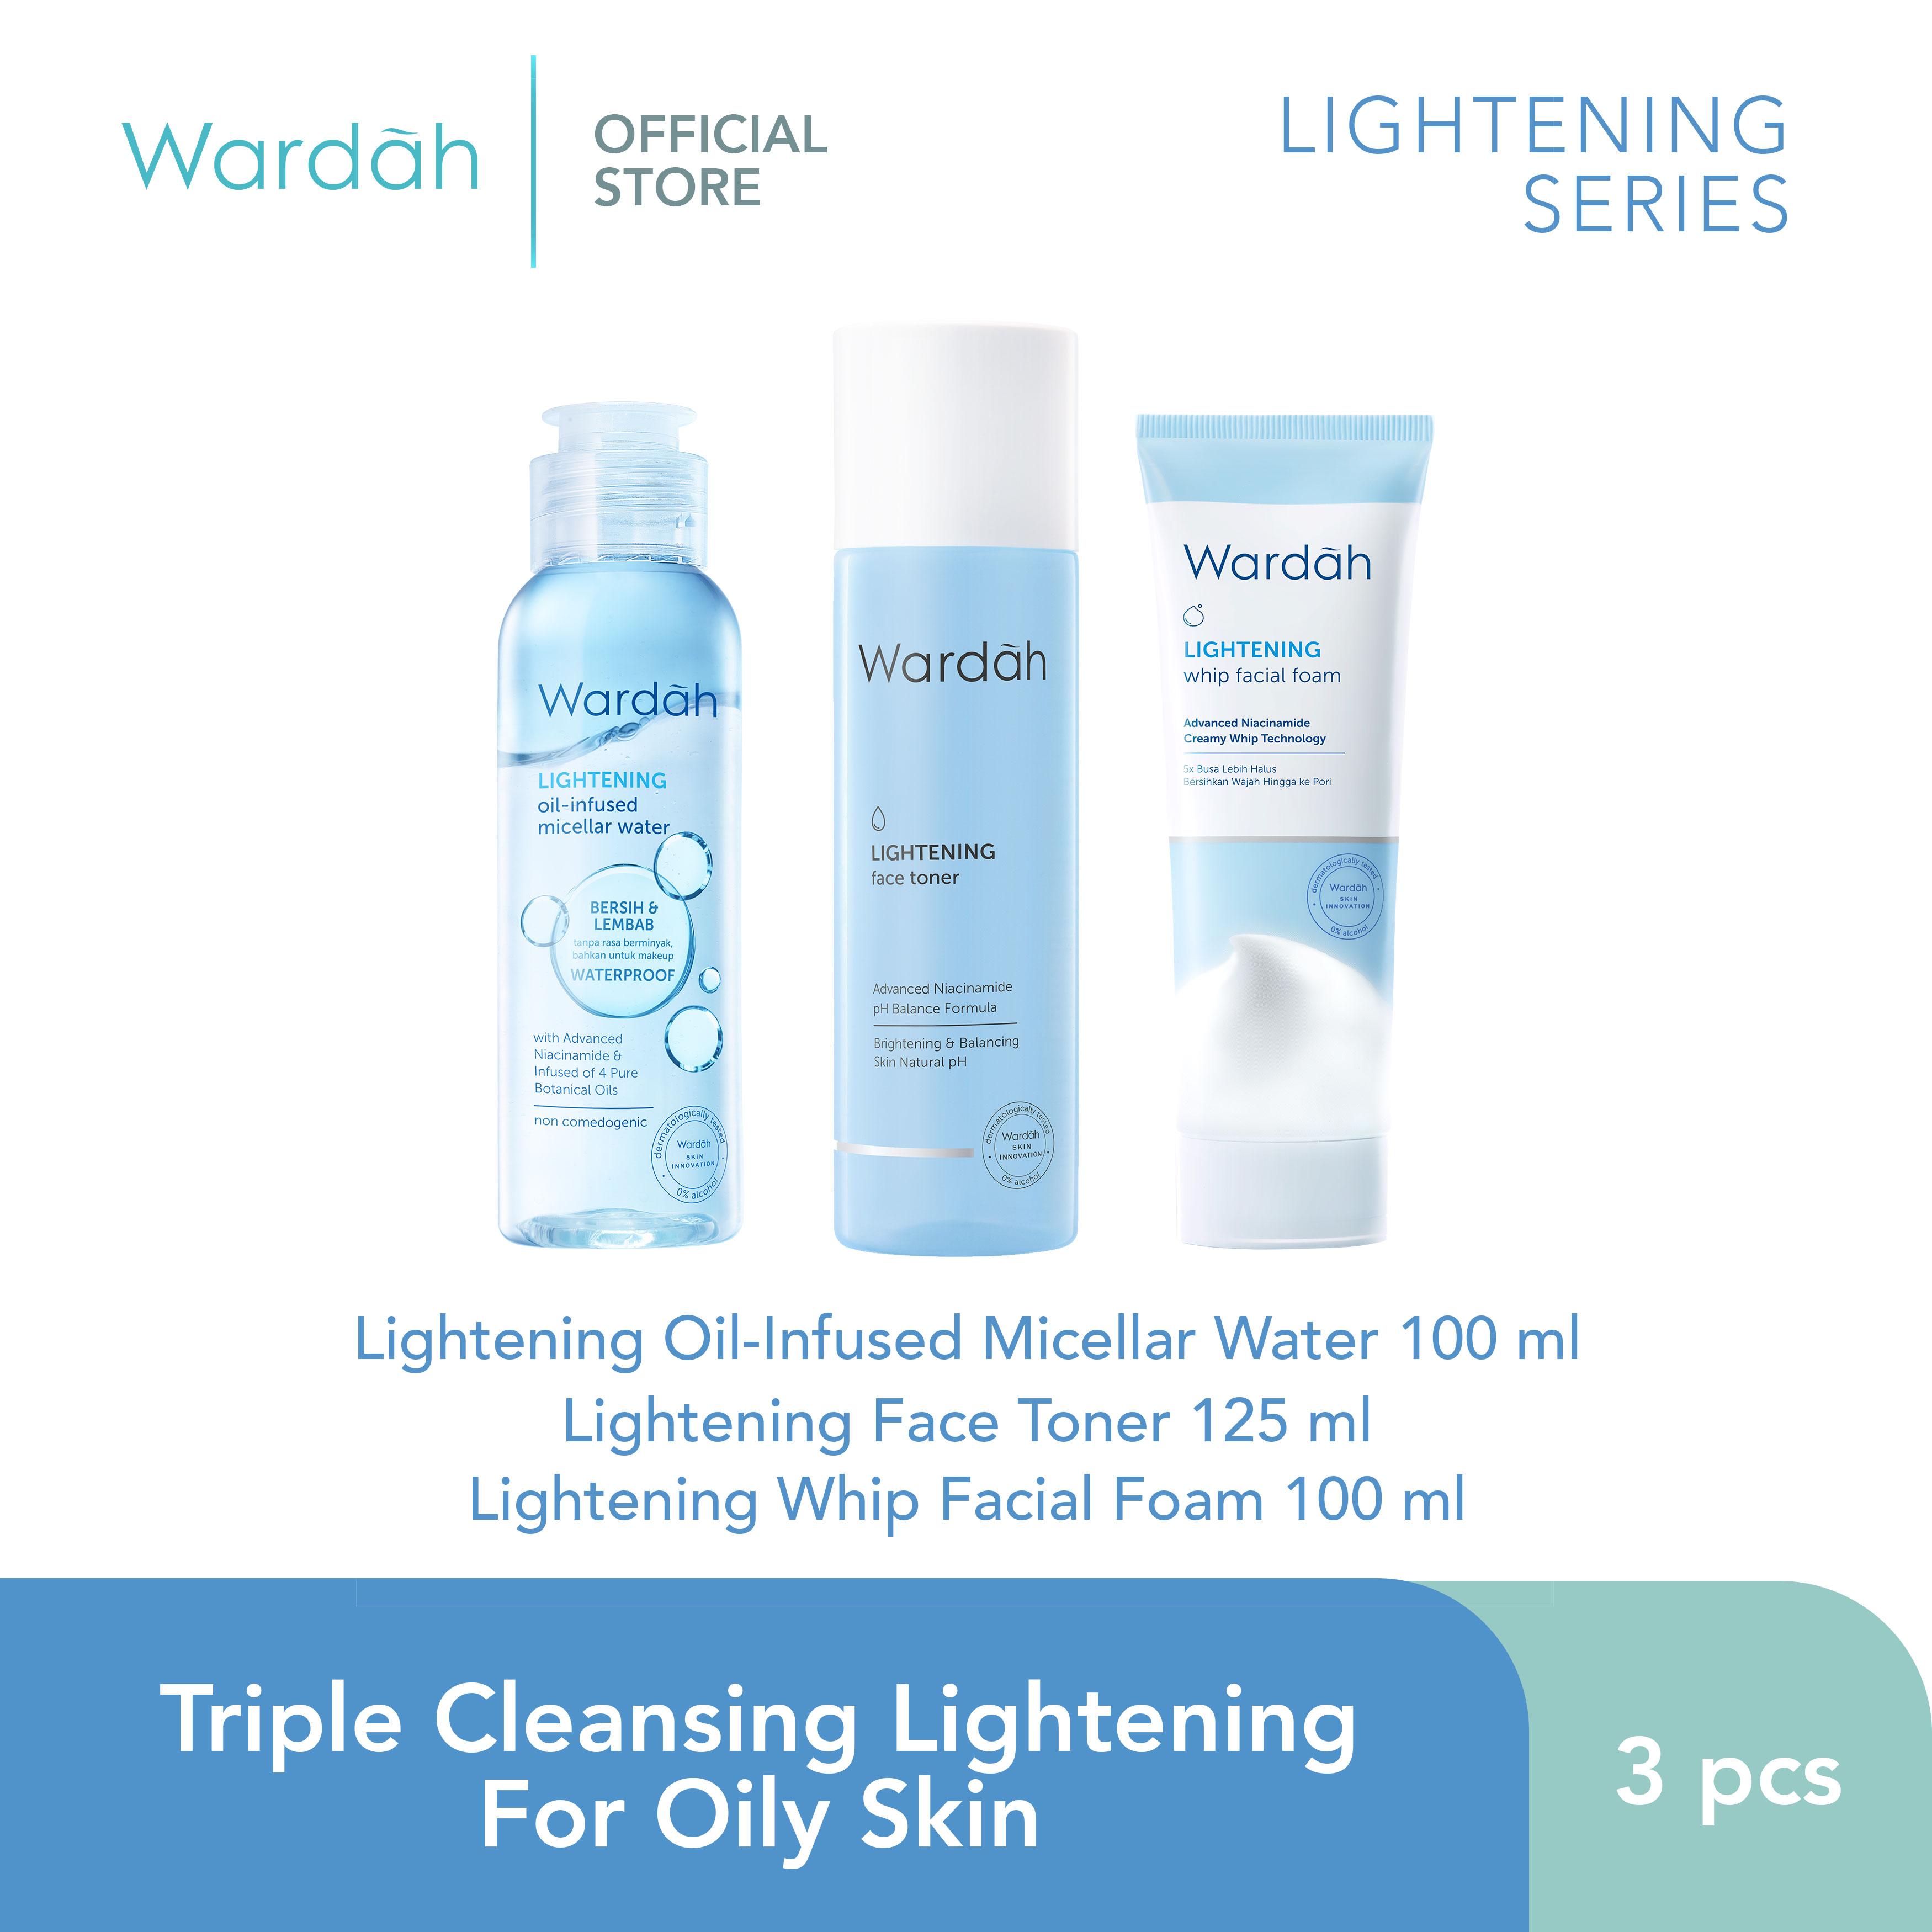 Triple Cleansing Lightening For Oily Skin